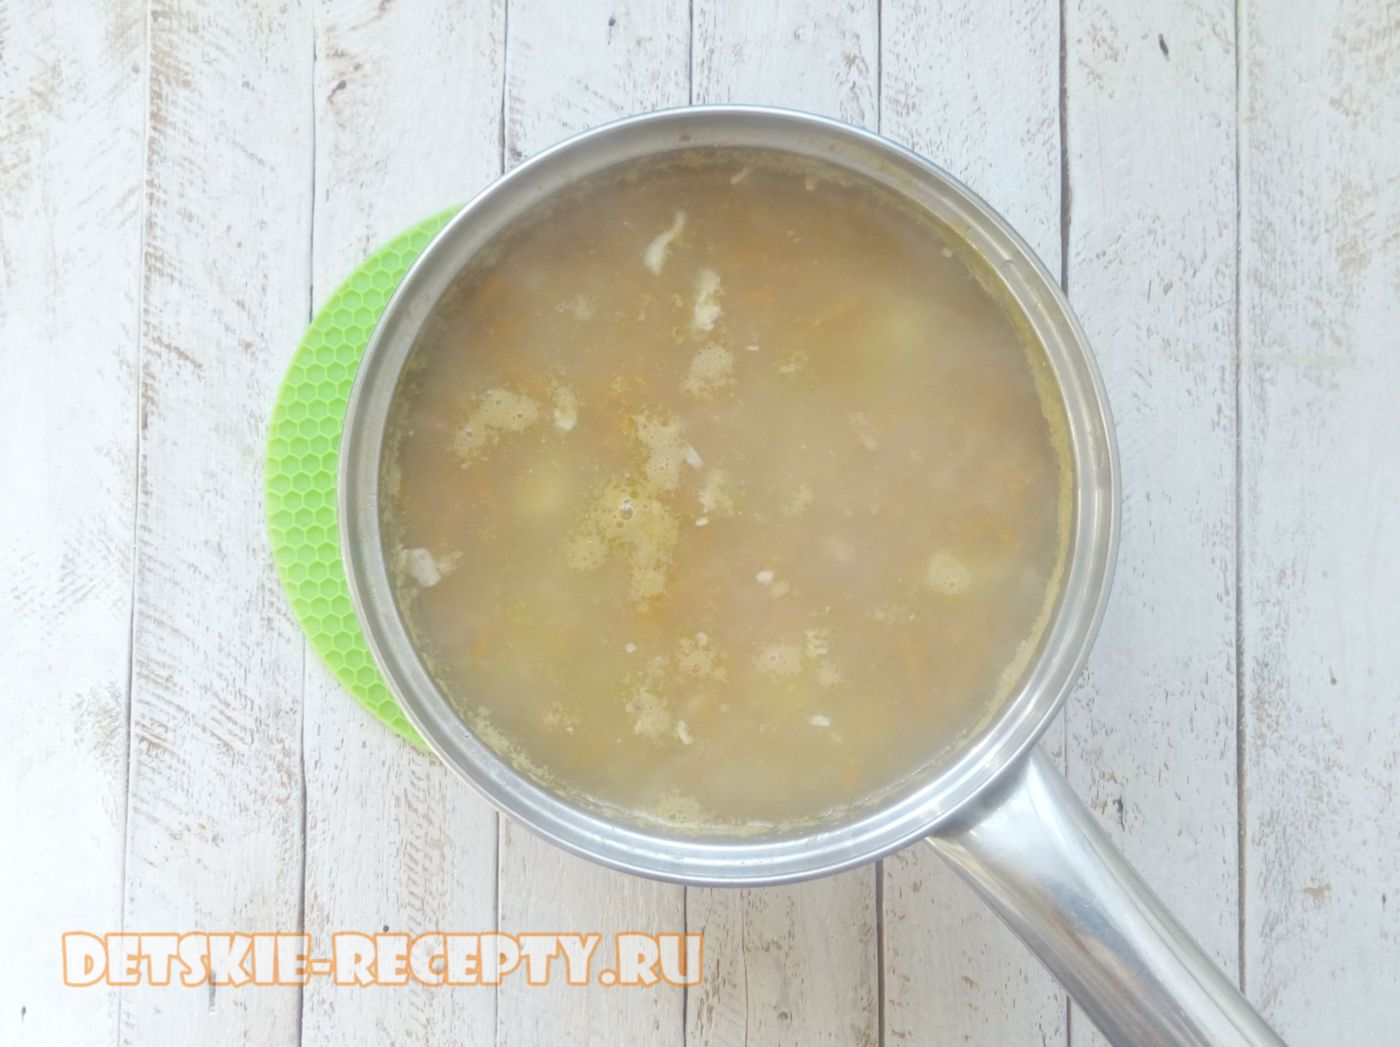 варим суп с сельдереем и курицей